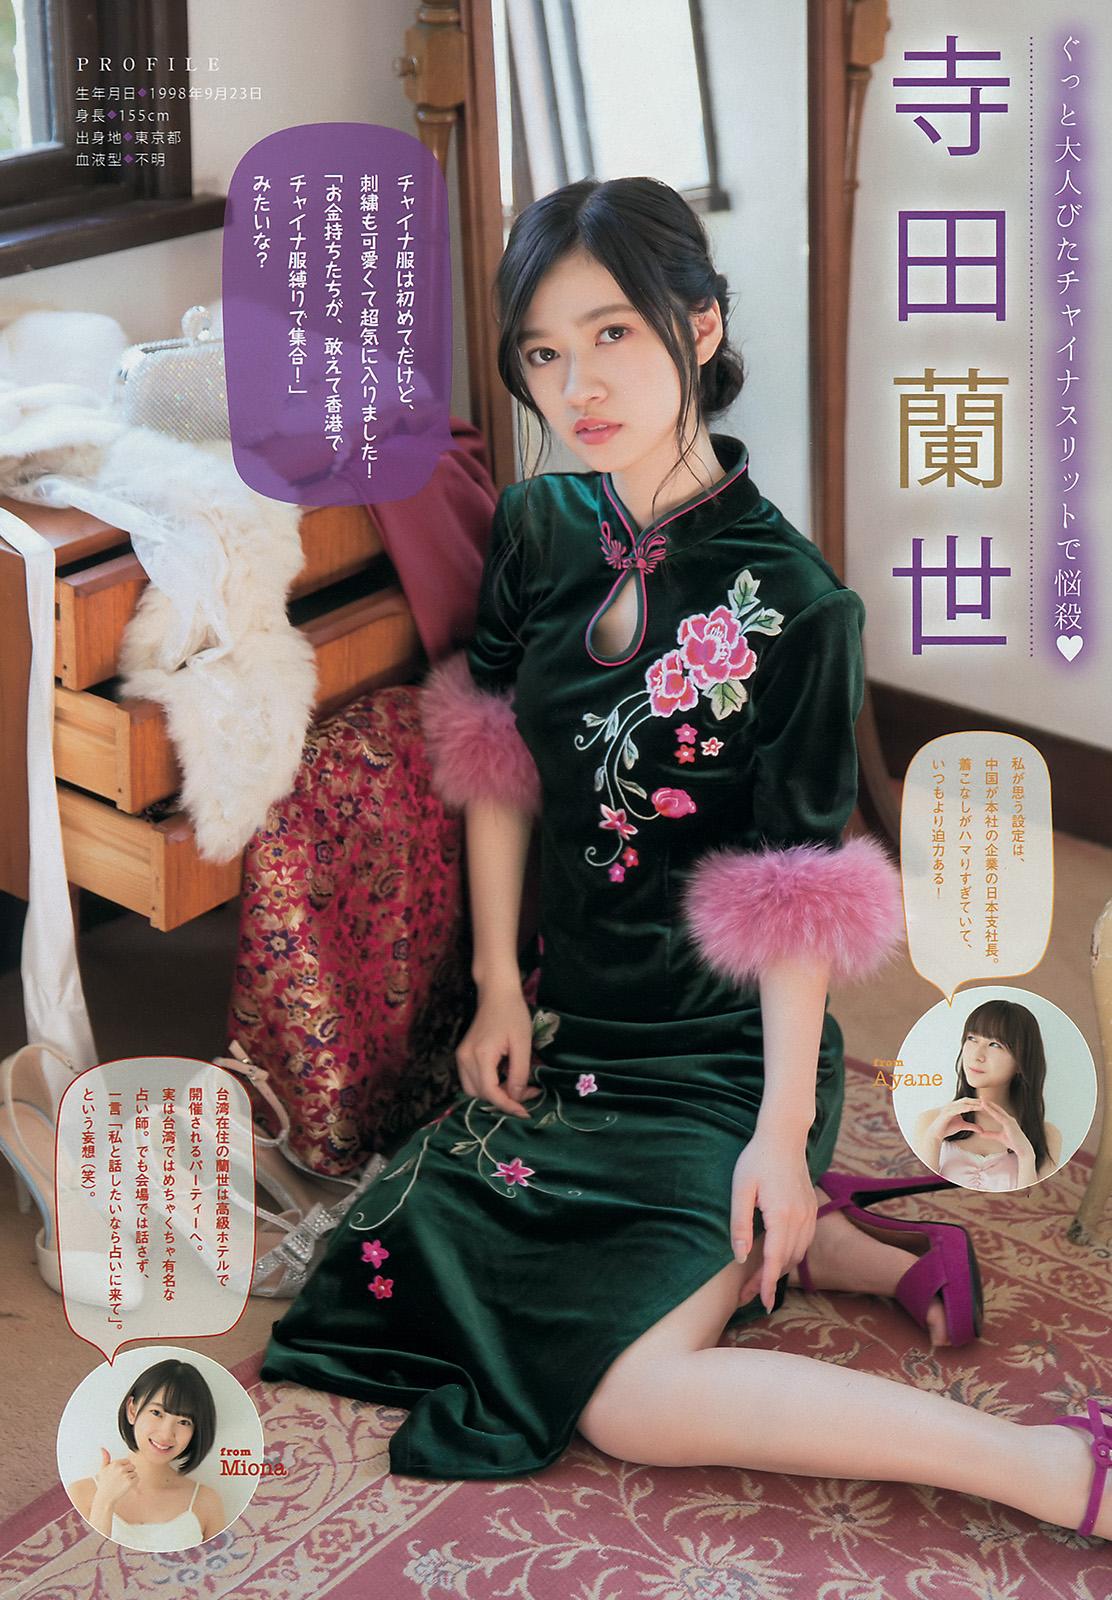 Nogizaka46 乃木坂46, Young Magazine 2018 No.02-03 (週刊ヤングマガジン 2018年2-3号)